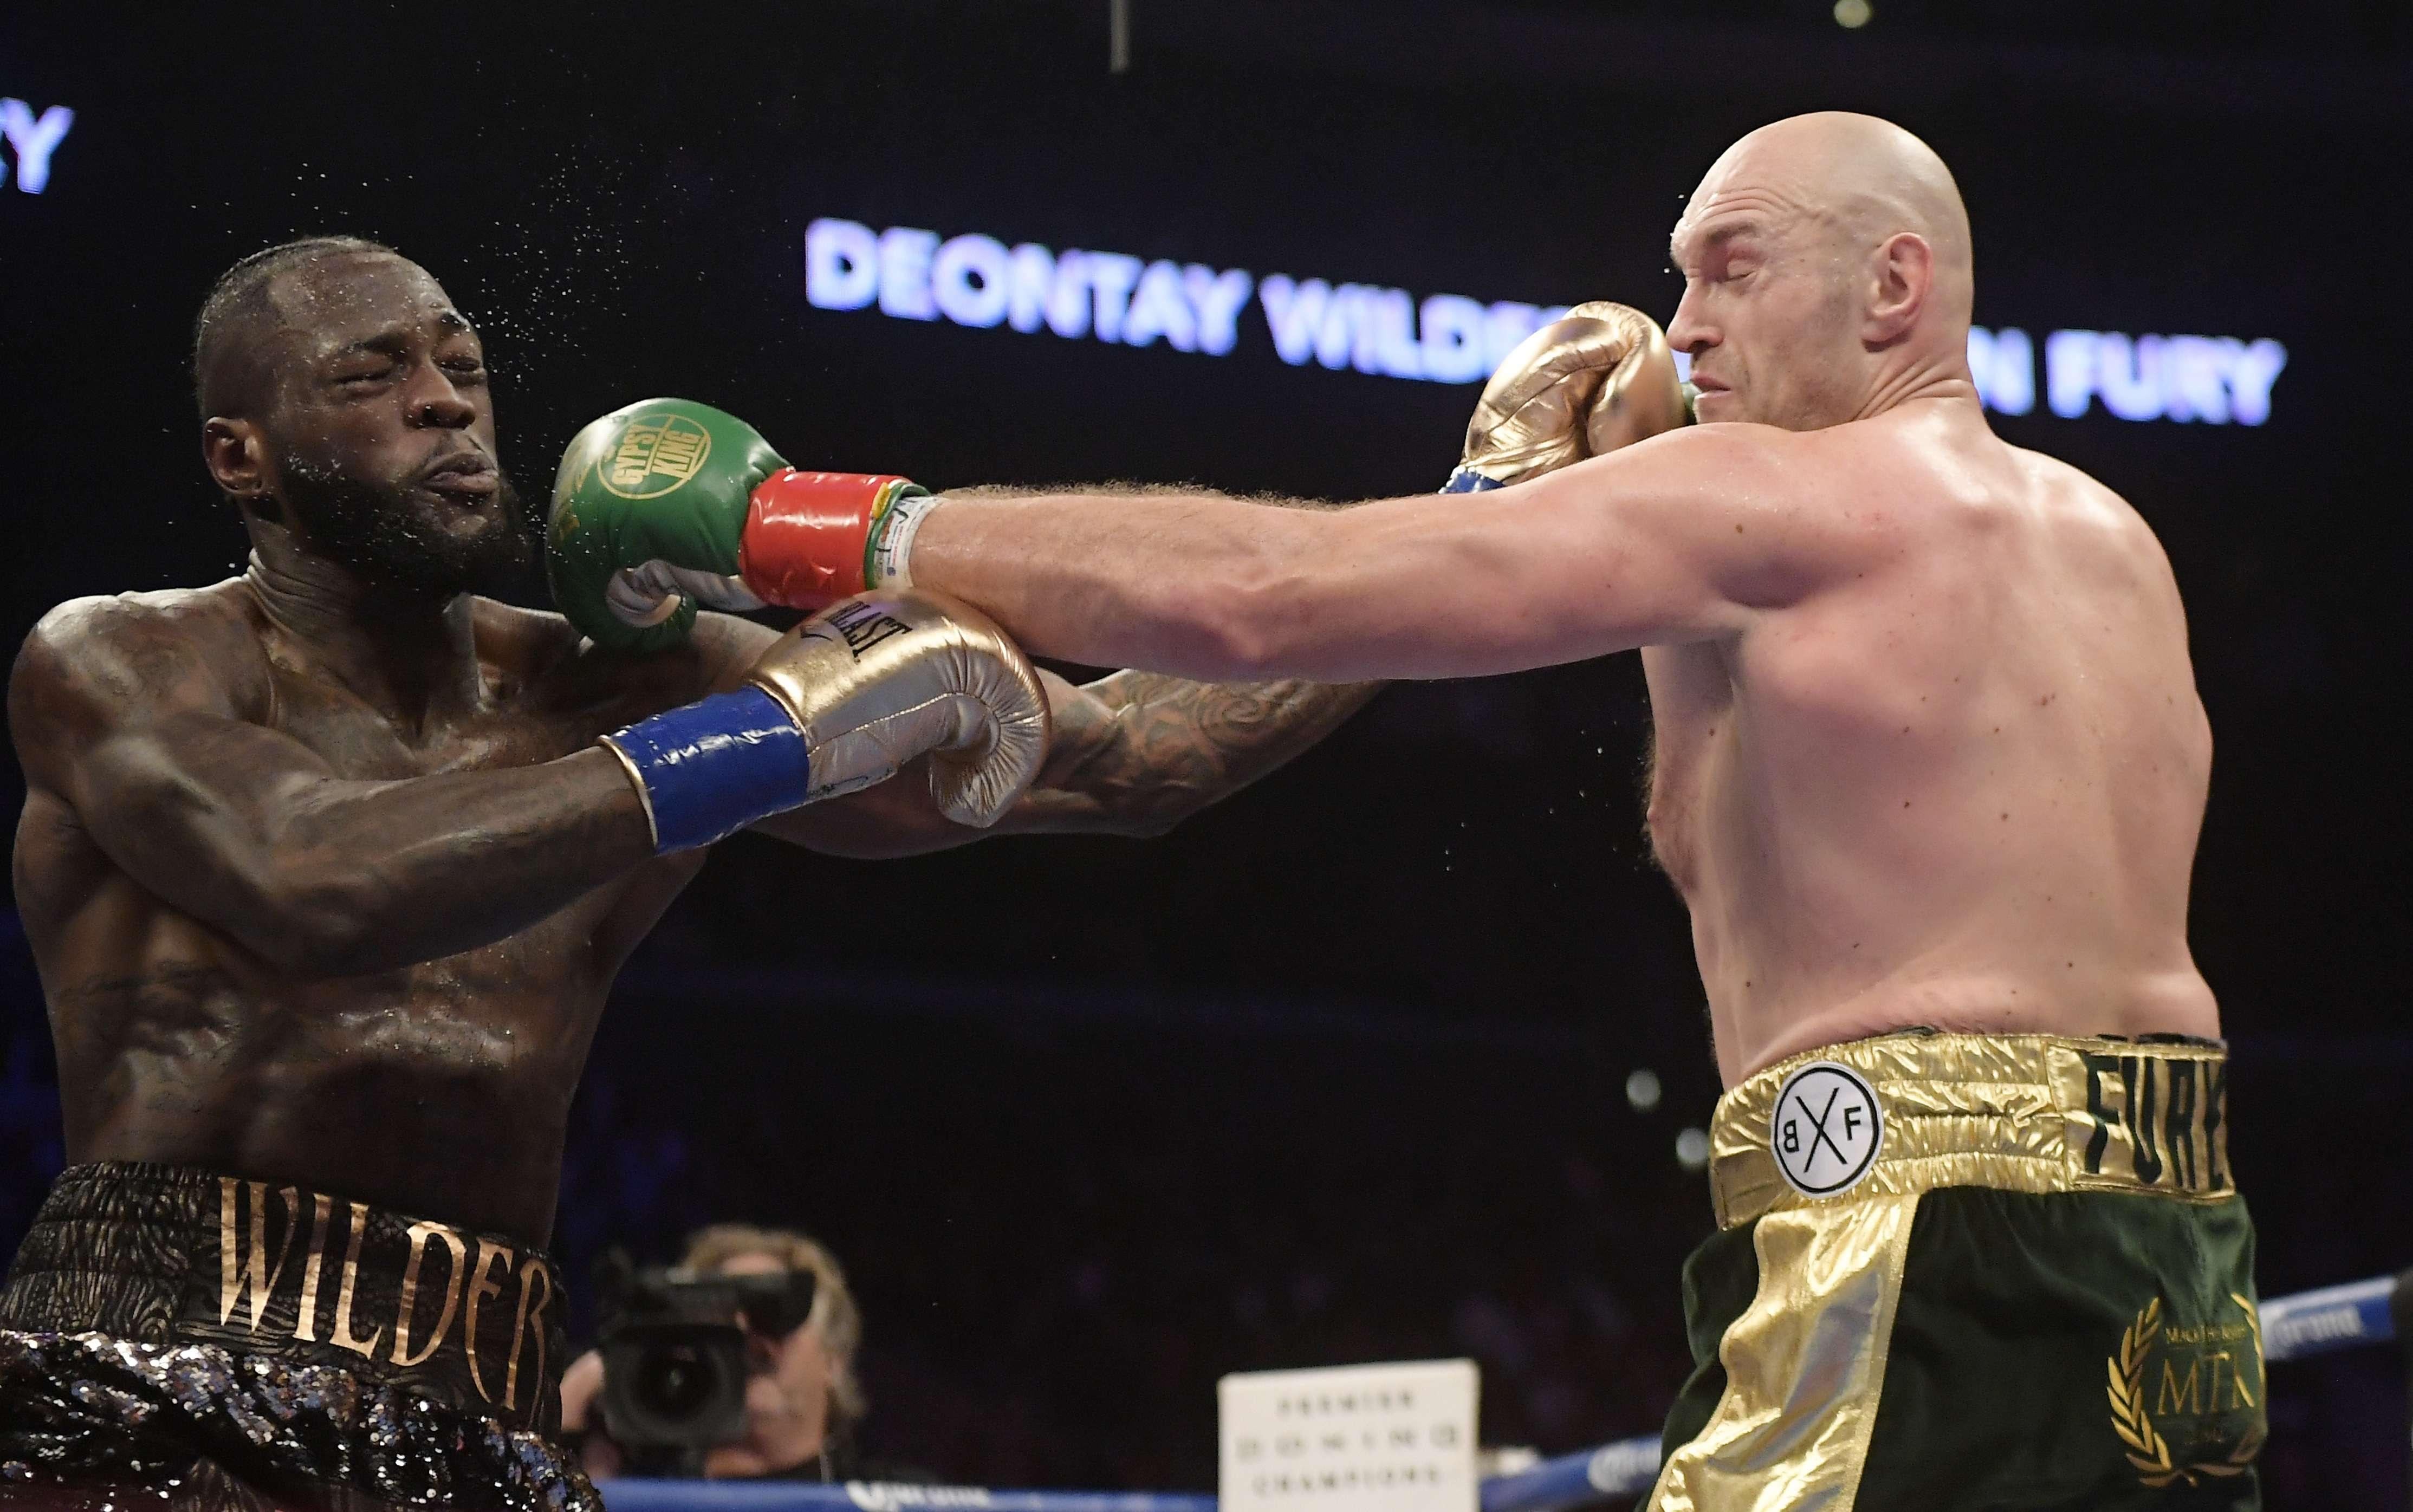 CMB: Cancelada por ahora, 2da pelea Wilder-Fury